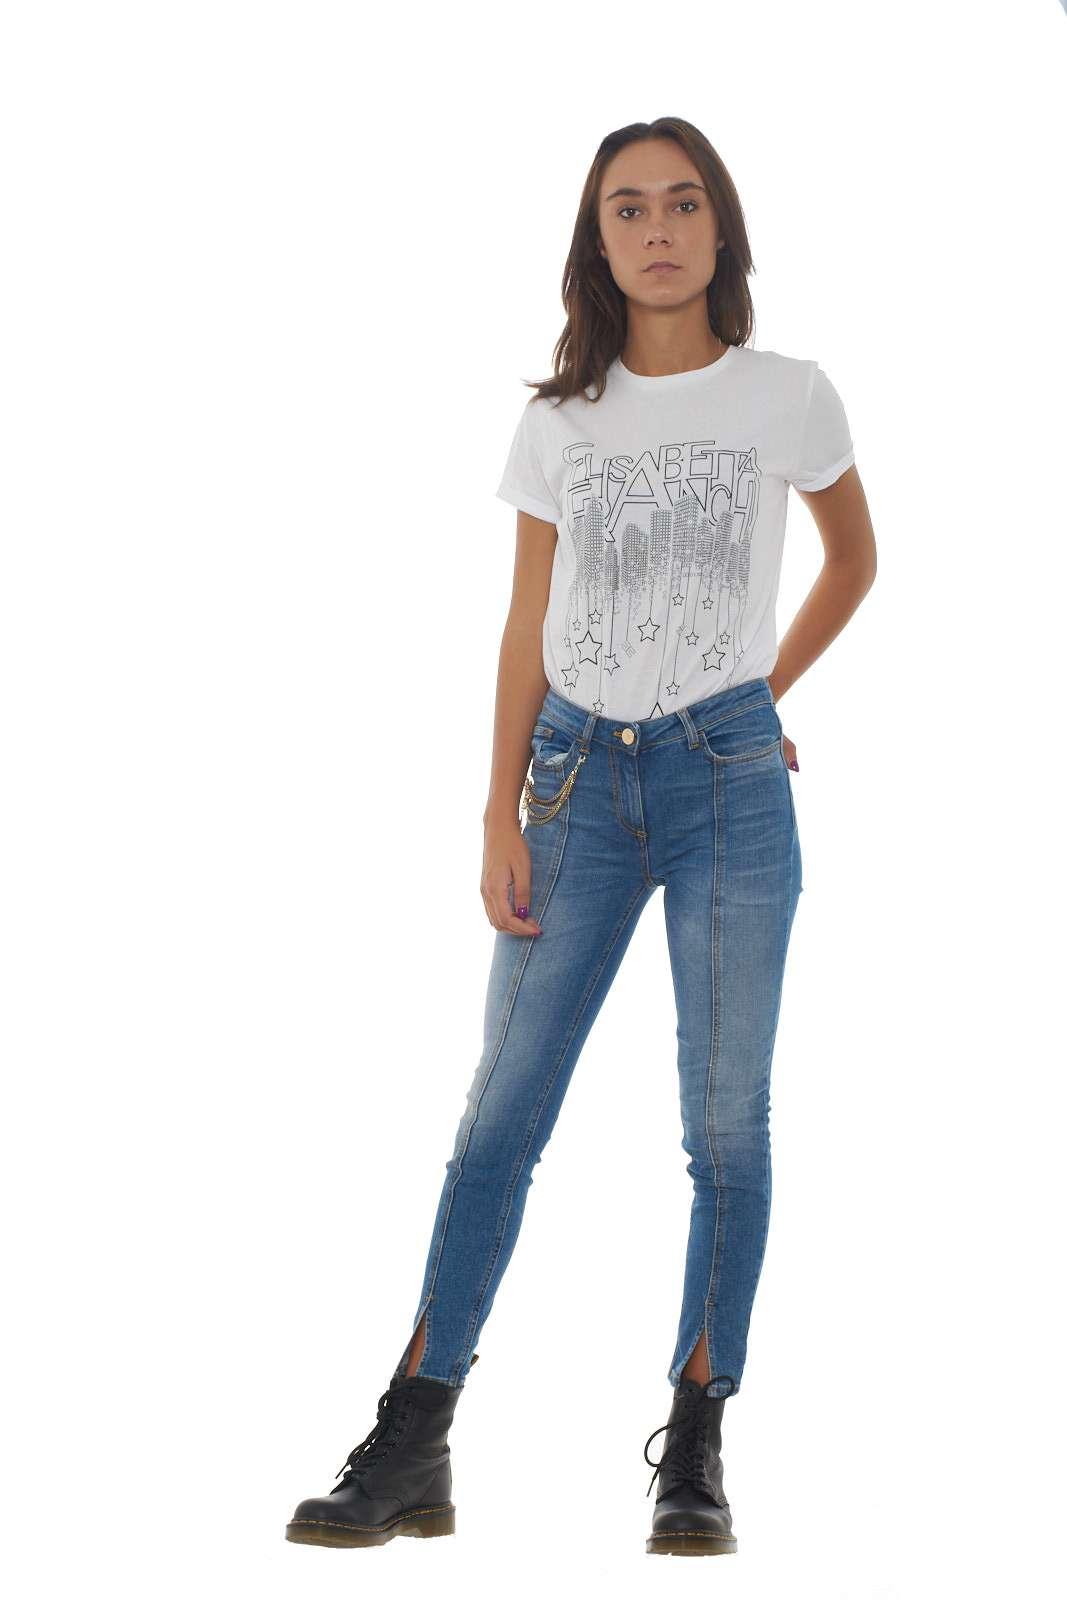 https://www.parmax.com/media/catalog/product/a/i/AI-outlet_parmax-t-shirt-donna-Elisabetta-Franchi-MA13896E2-D.jpg